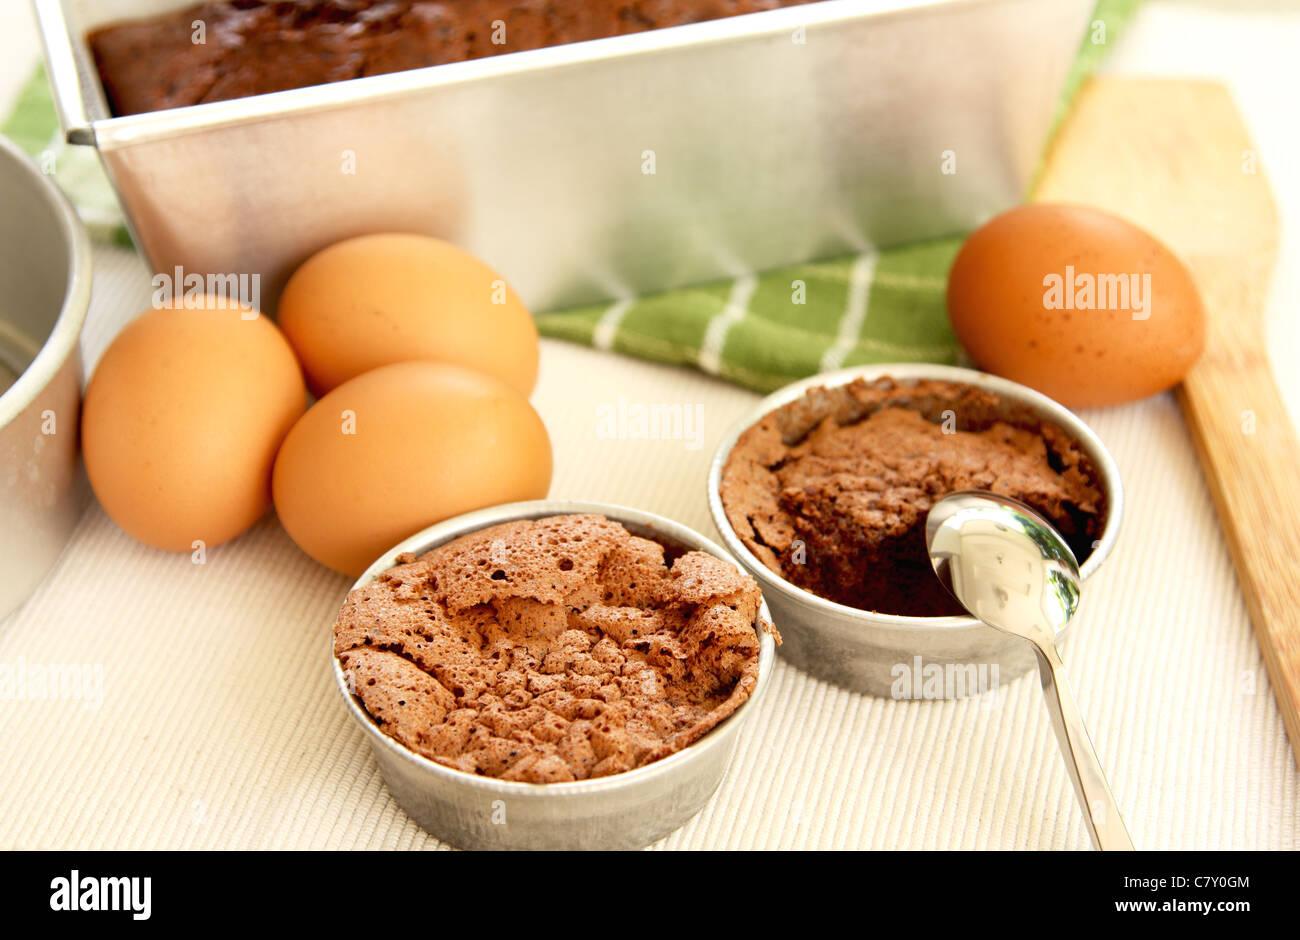 Baking cake [ Preparation for baking  ] - Stock Image